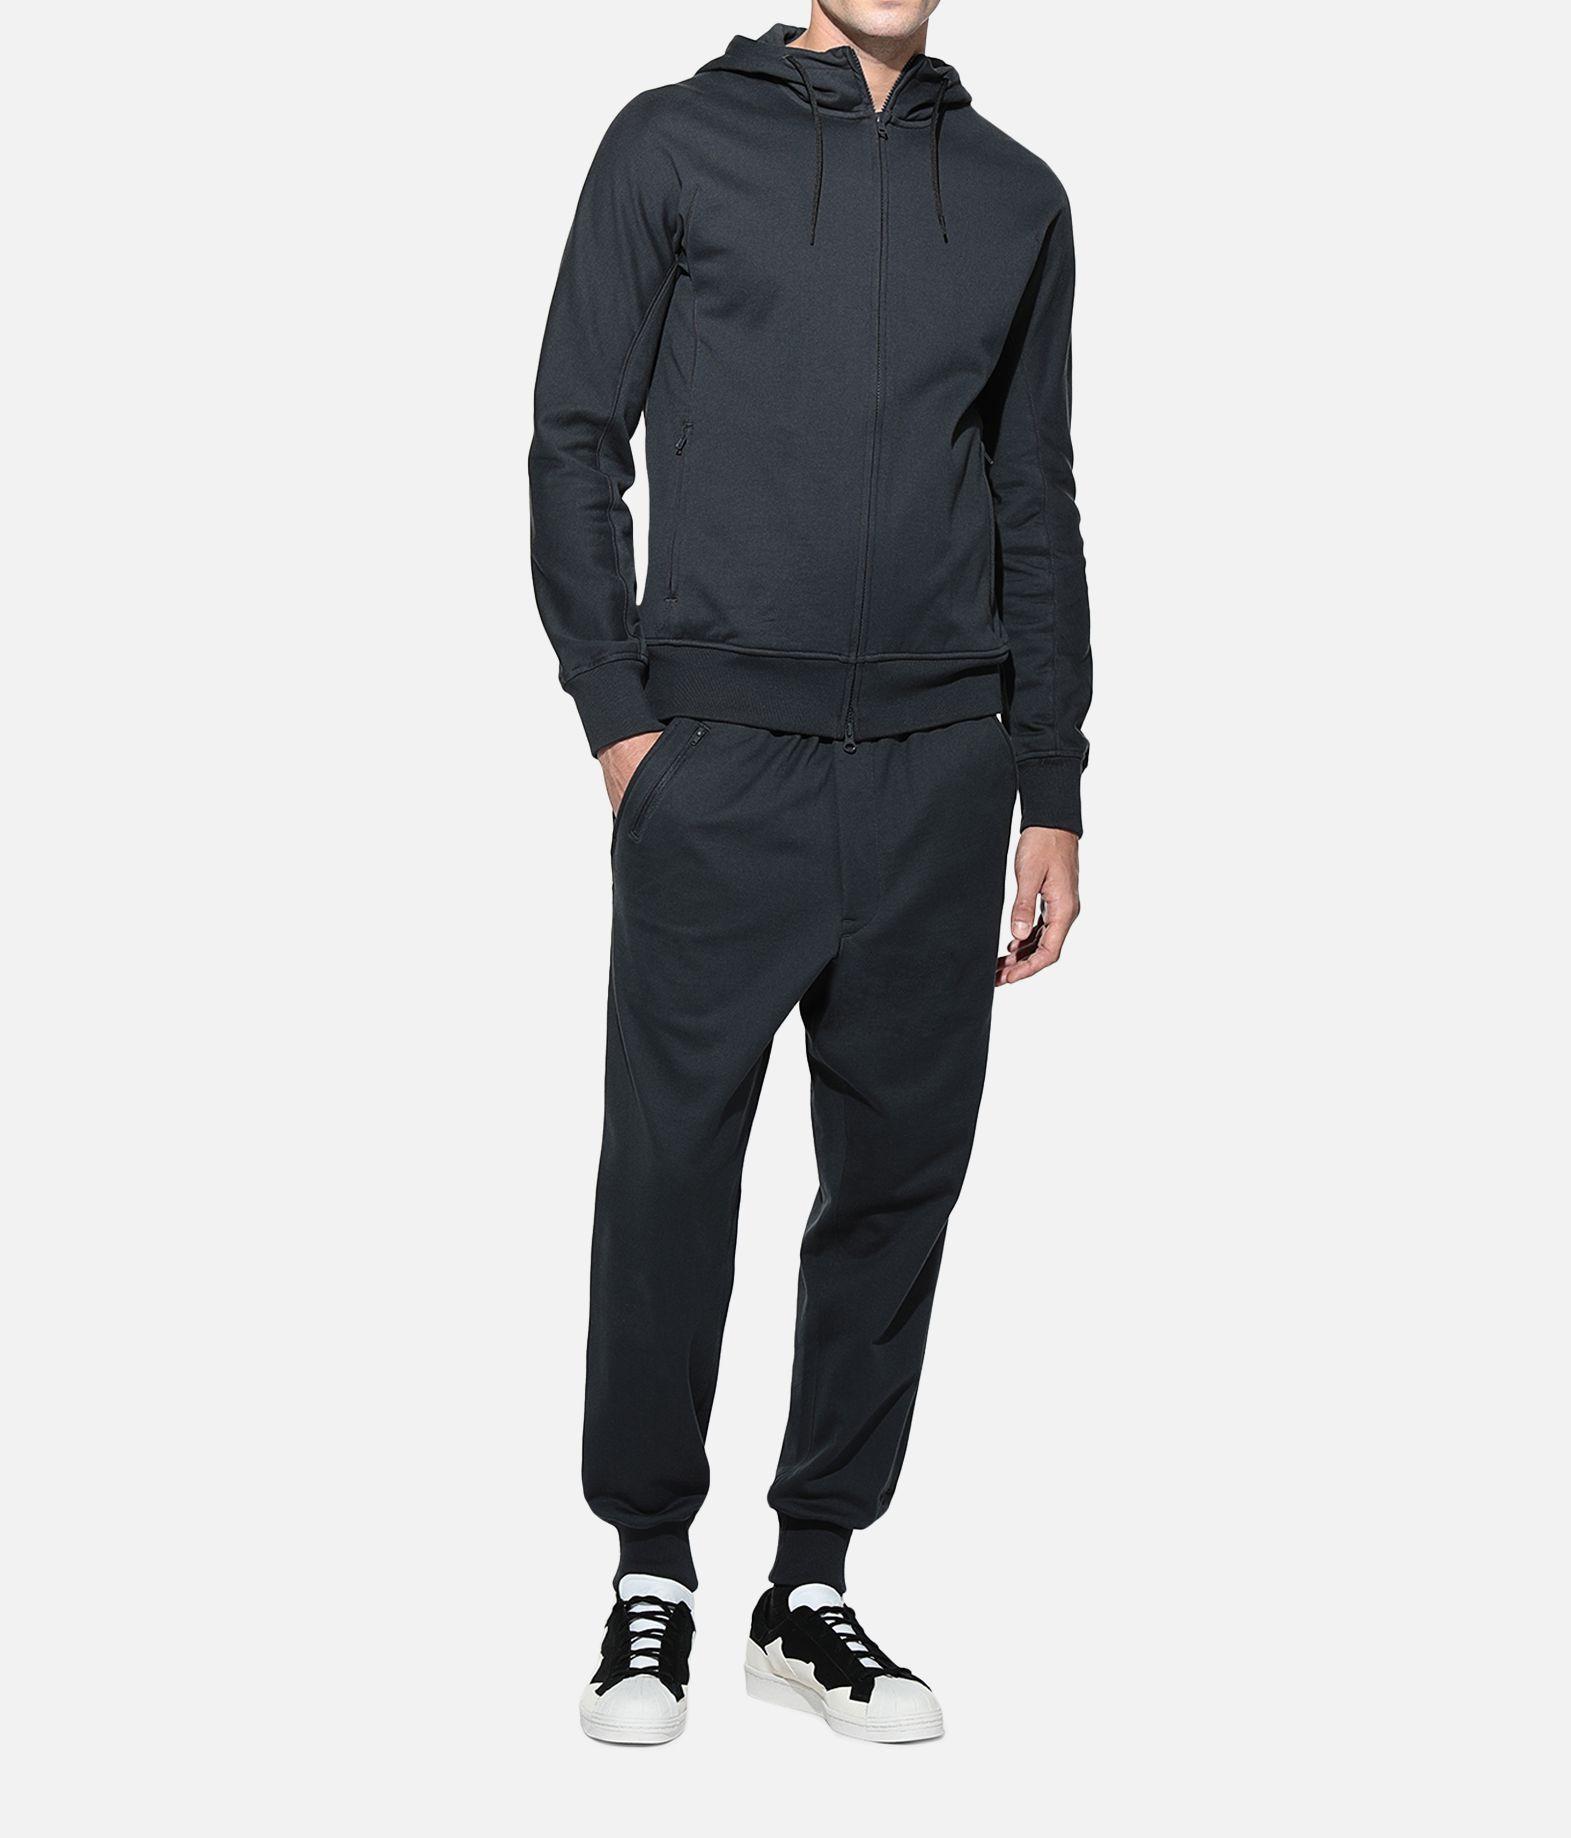 Y-3 Y-3 Classic Cuffed Pants Спортивные брюки Для Мужчин a